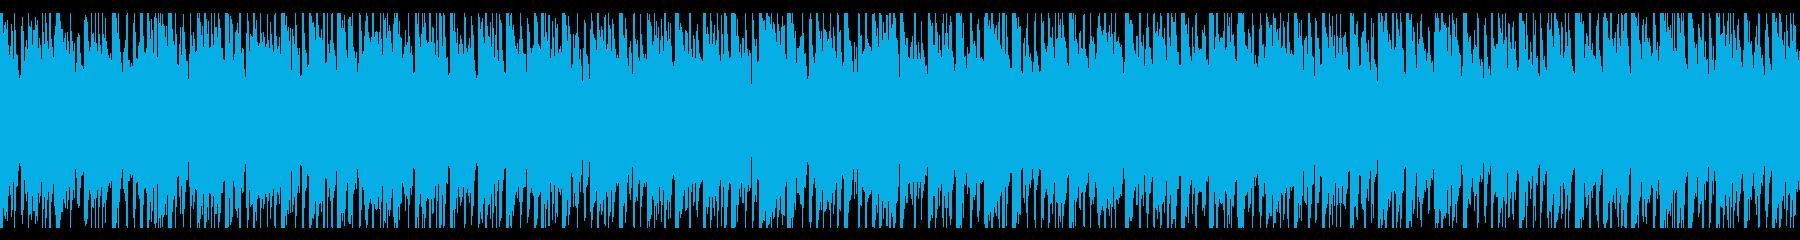 あっさりと優しいほのぼのエンディングの再生済みの波形